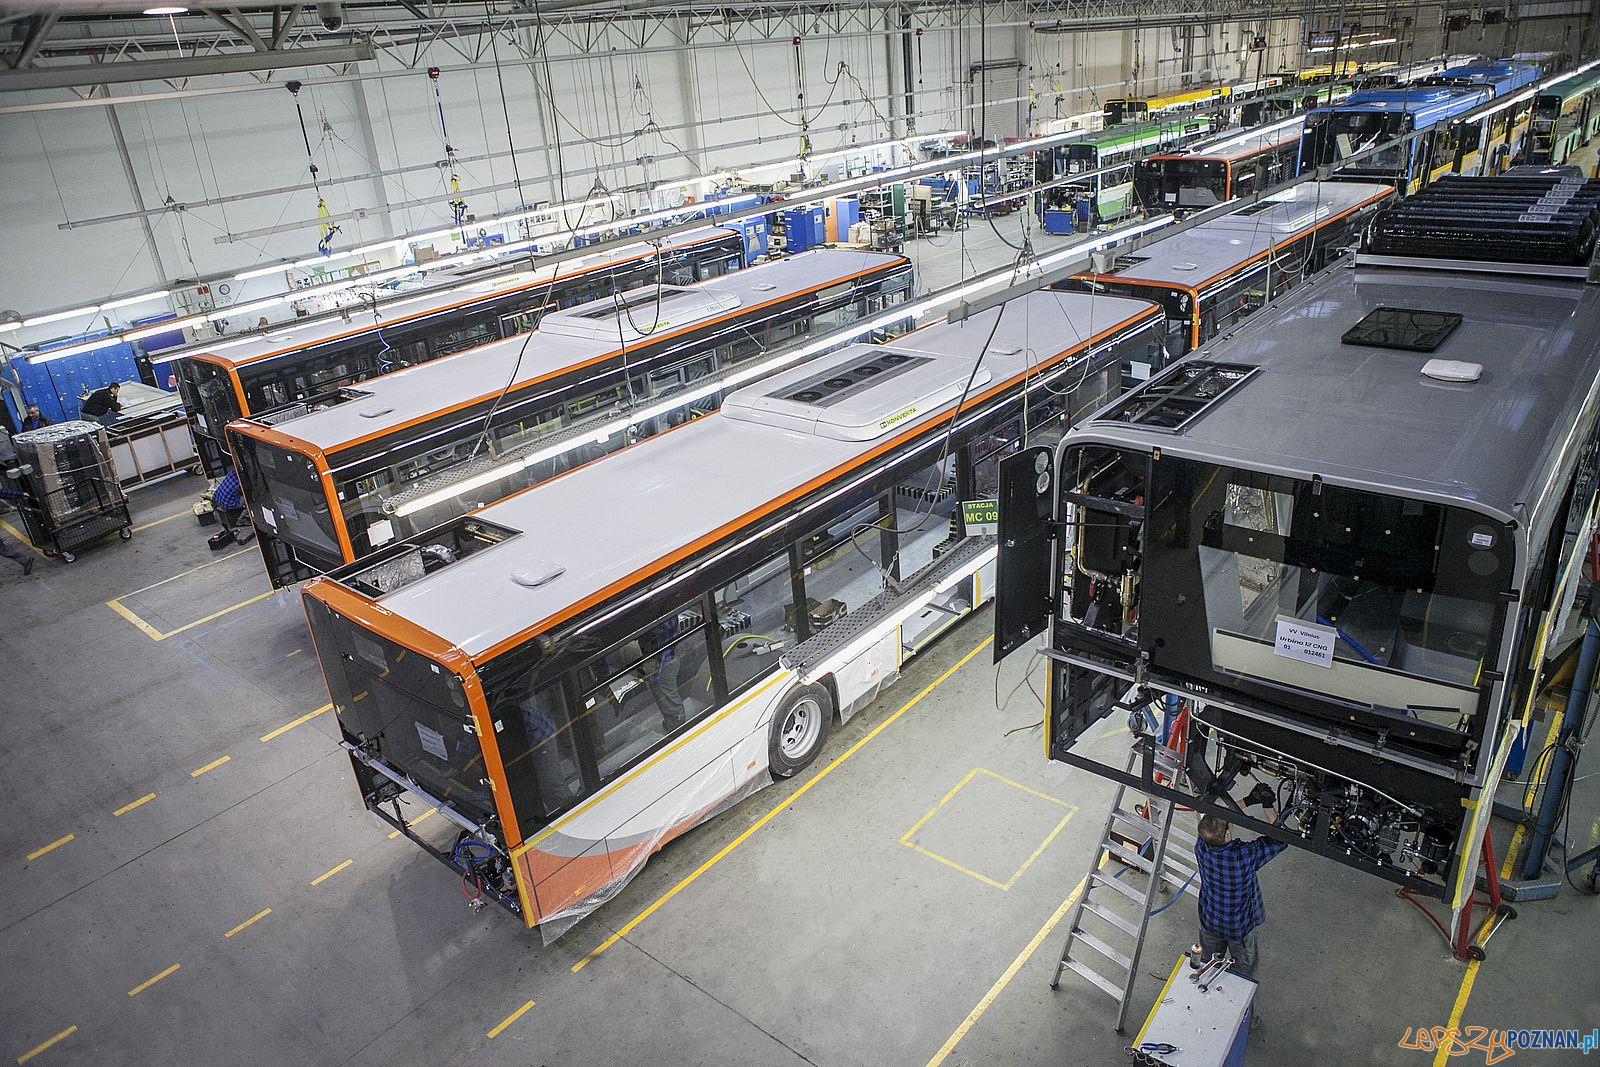 Solaris - Fabryka Bolechowo, montaż autobusów  Foto: amjphotography.pl / Solaris - materiały prasowe